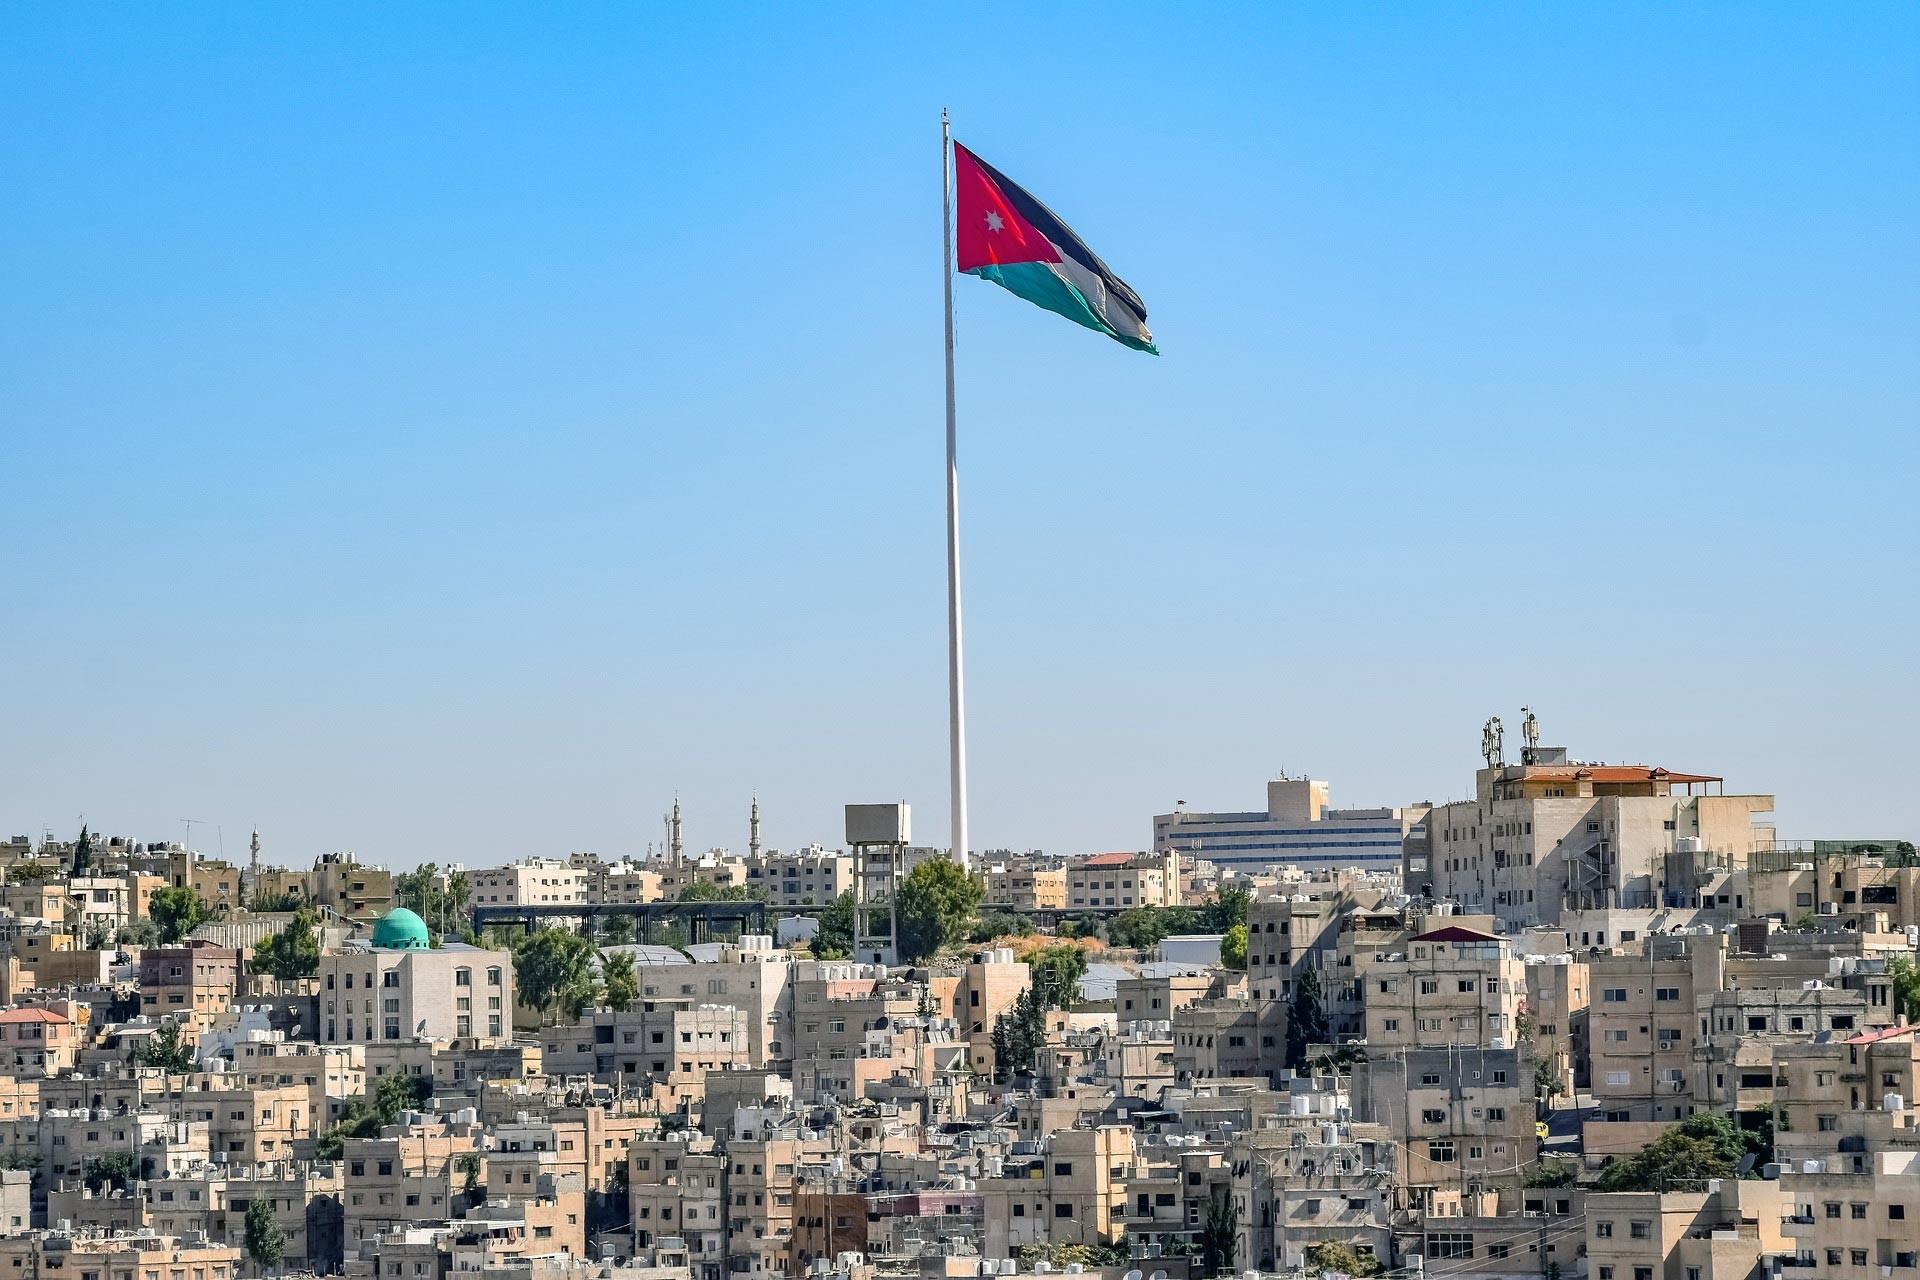 Ürdün bayrağı ve kent genel görüntüsü